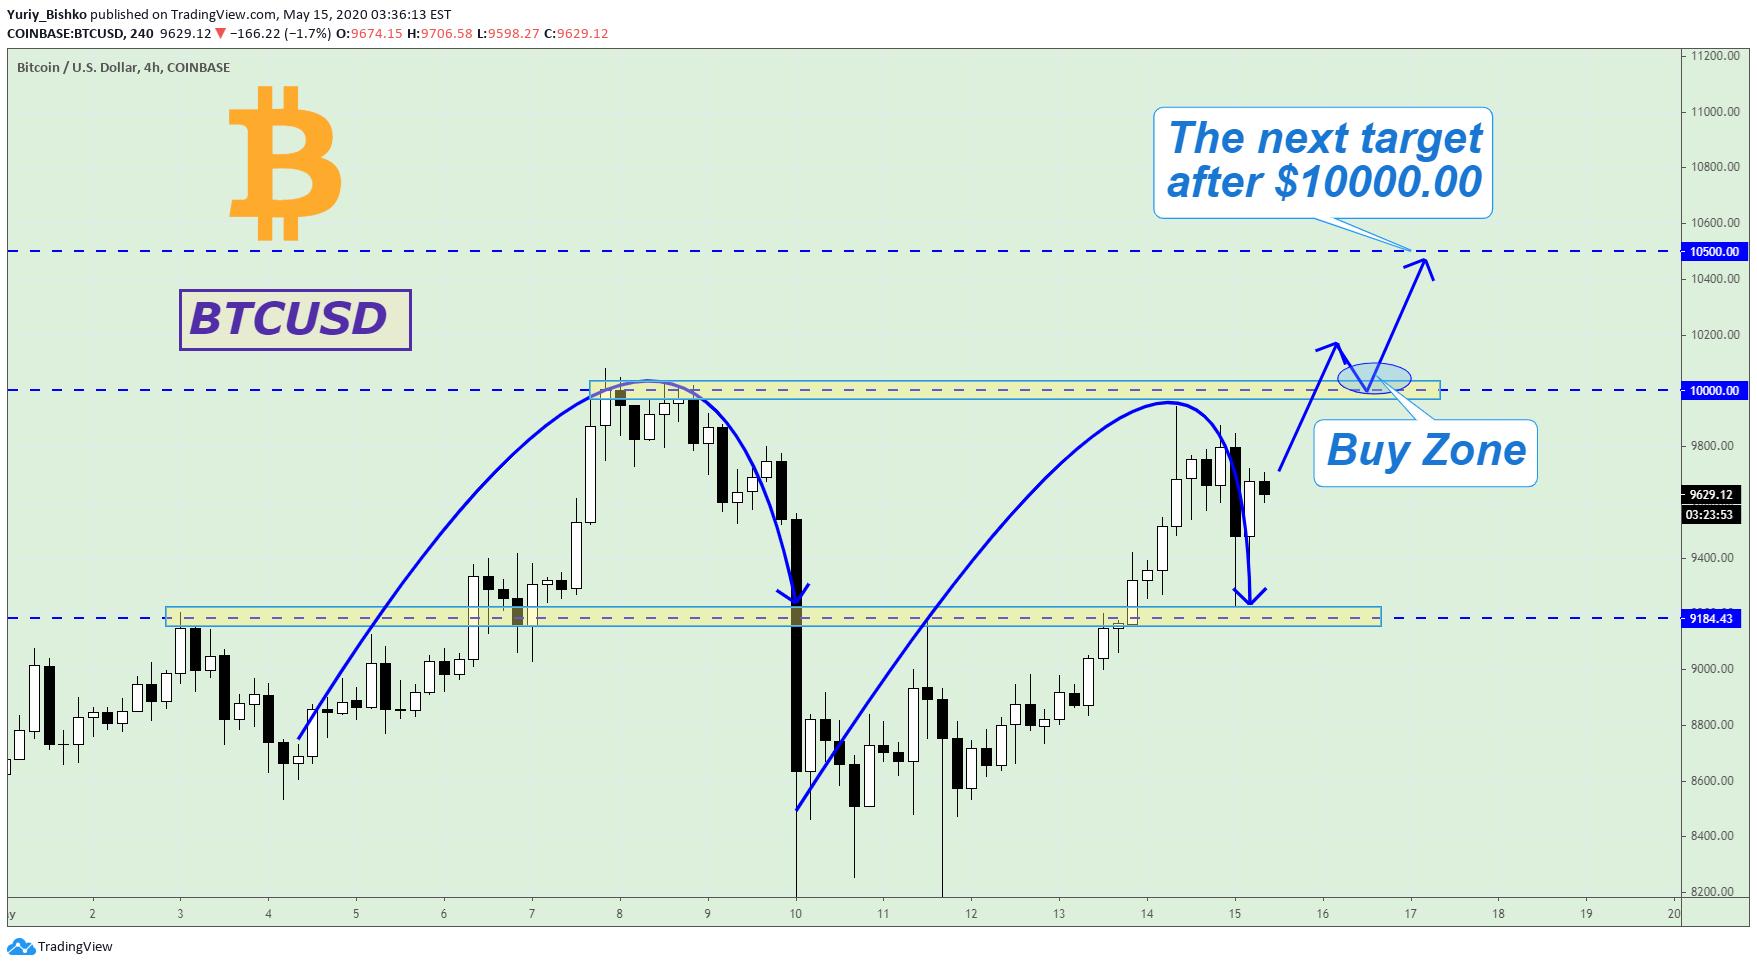 bitcoin-futures-handel auf tradingview ganz schnell millionär werden